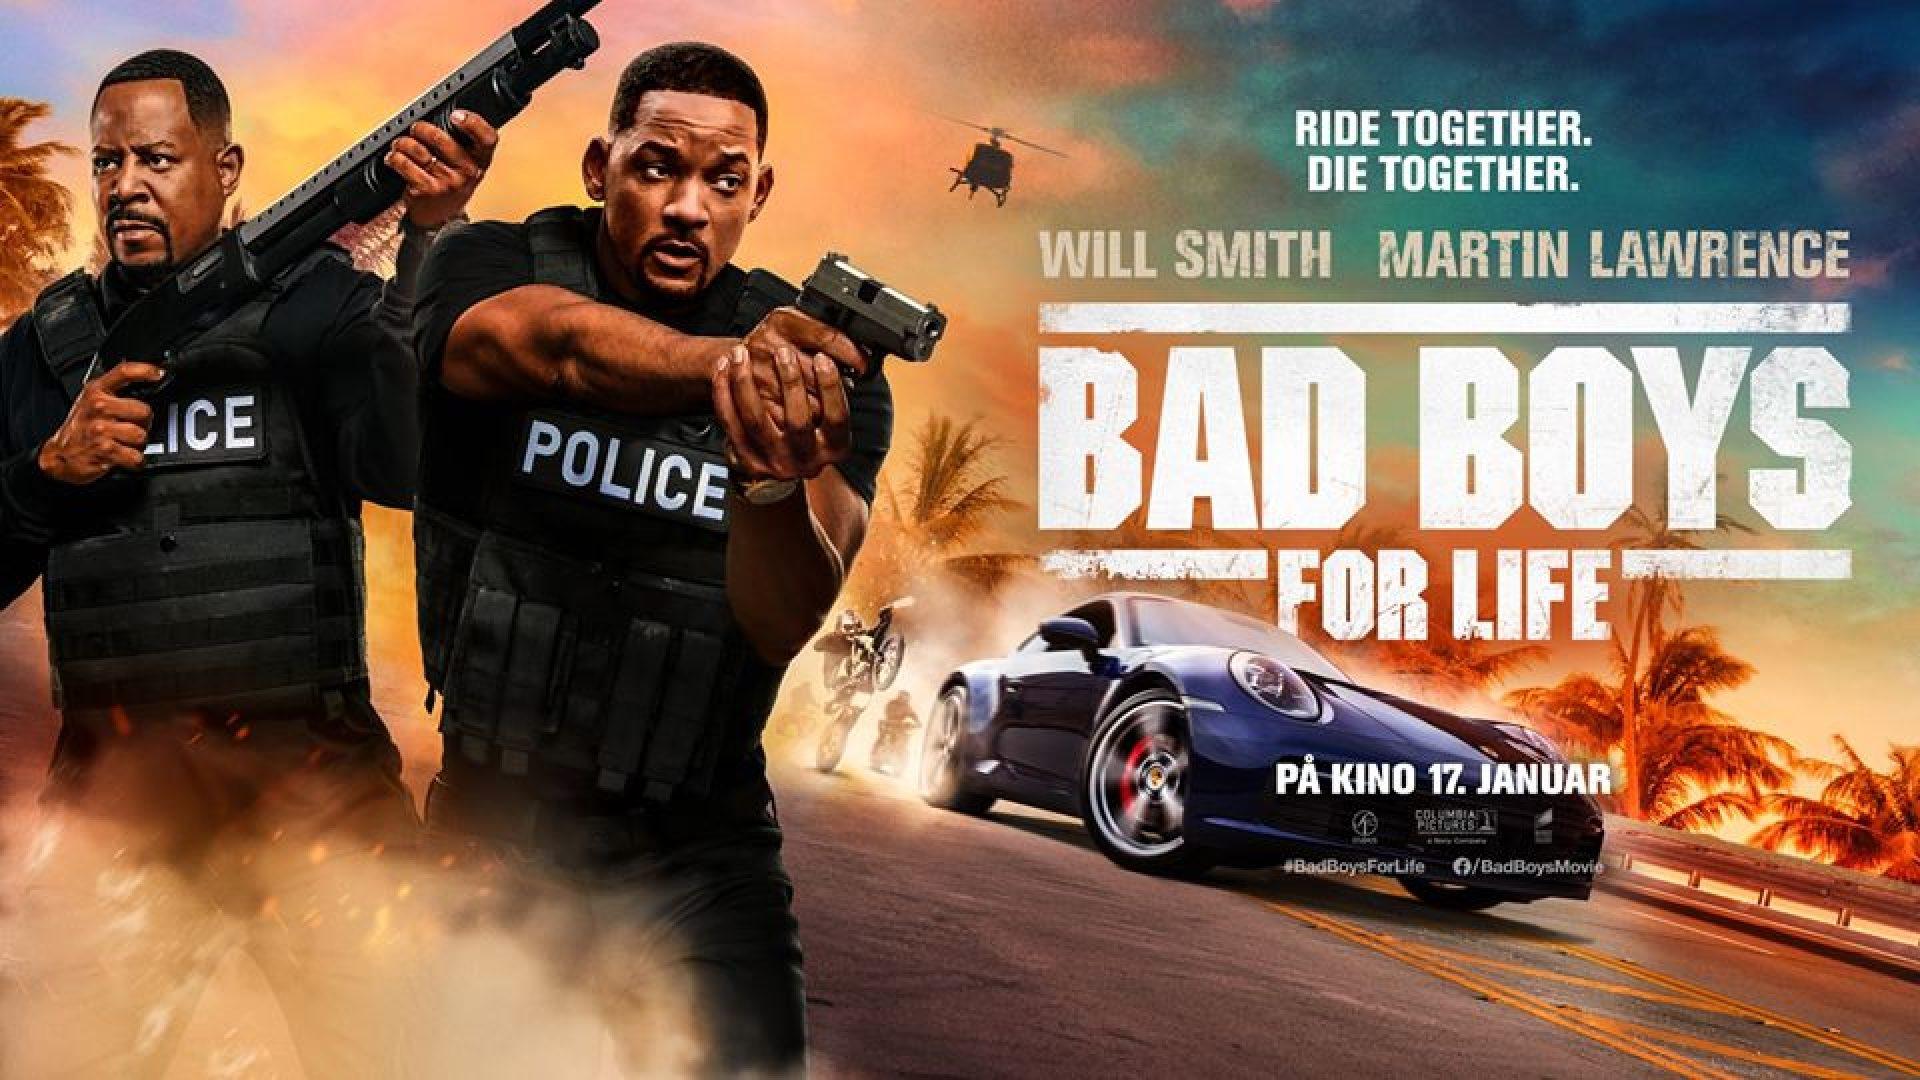 Bilde fra filmen Bad boys for life